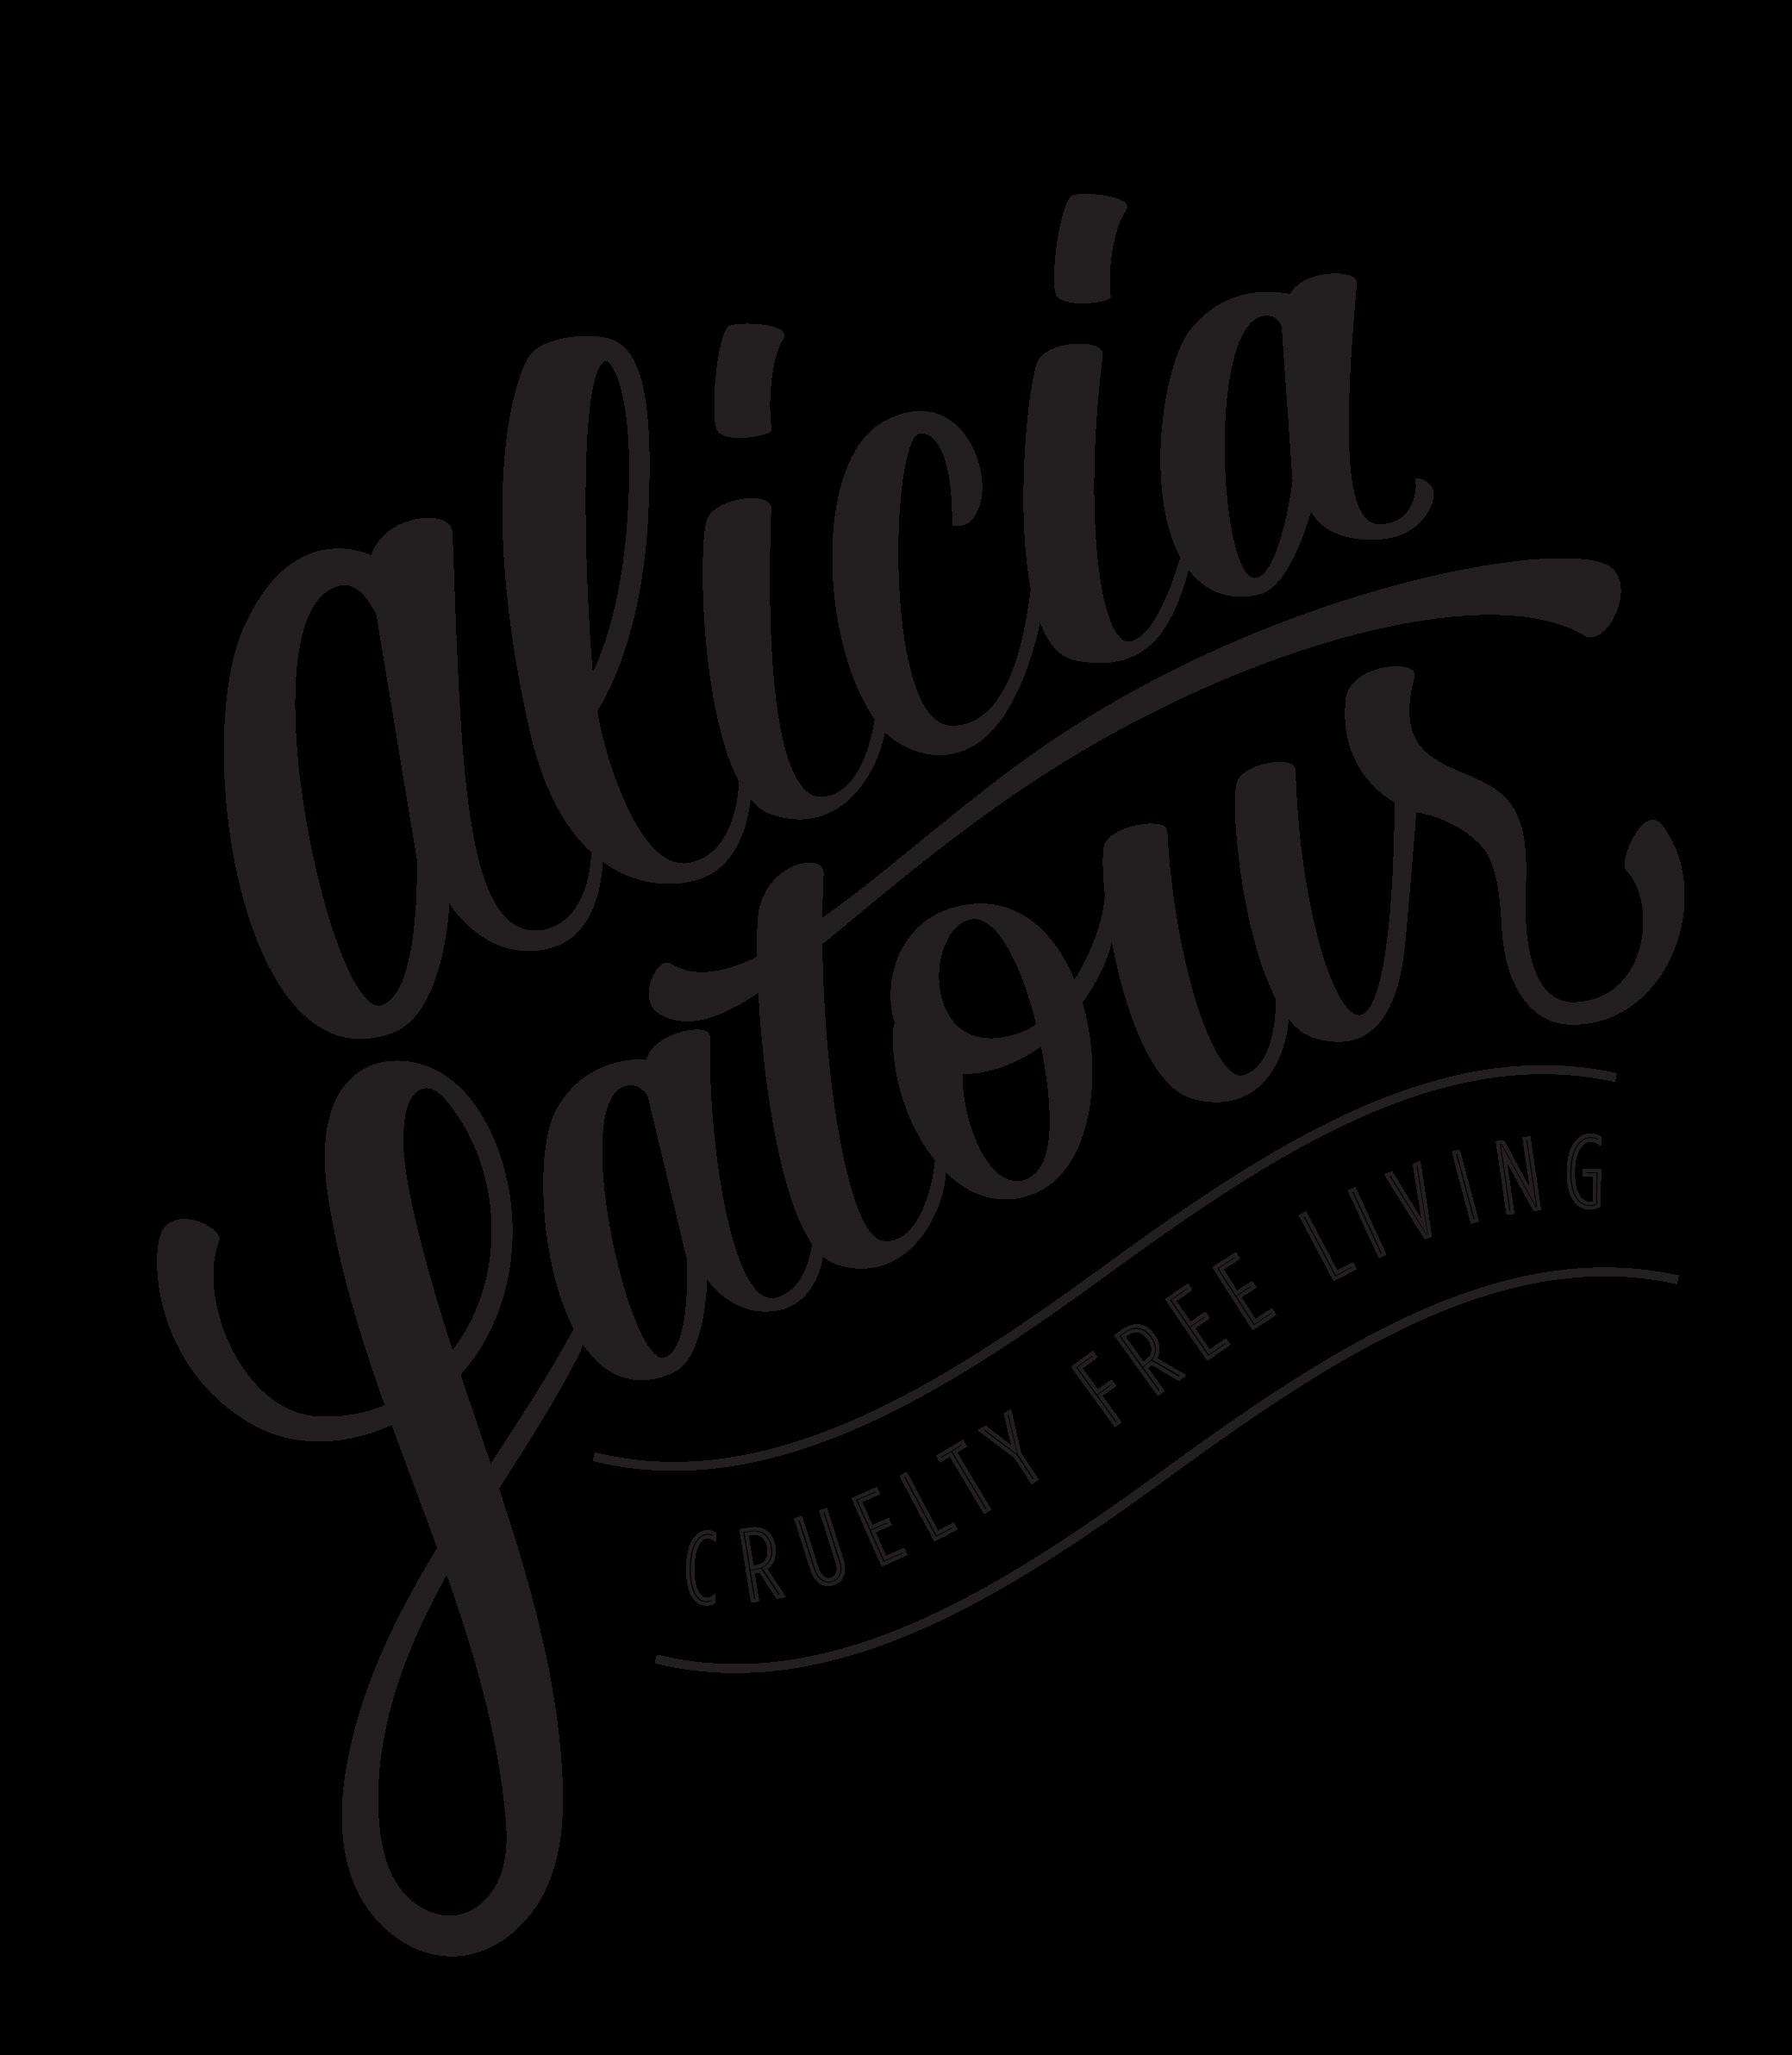 Alicia Latour